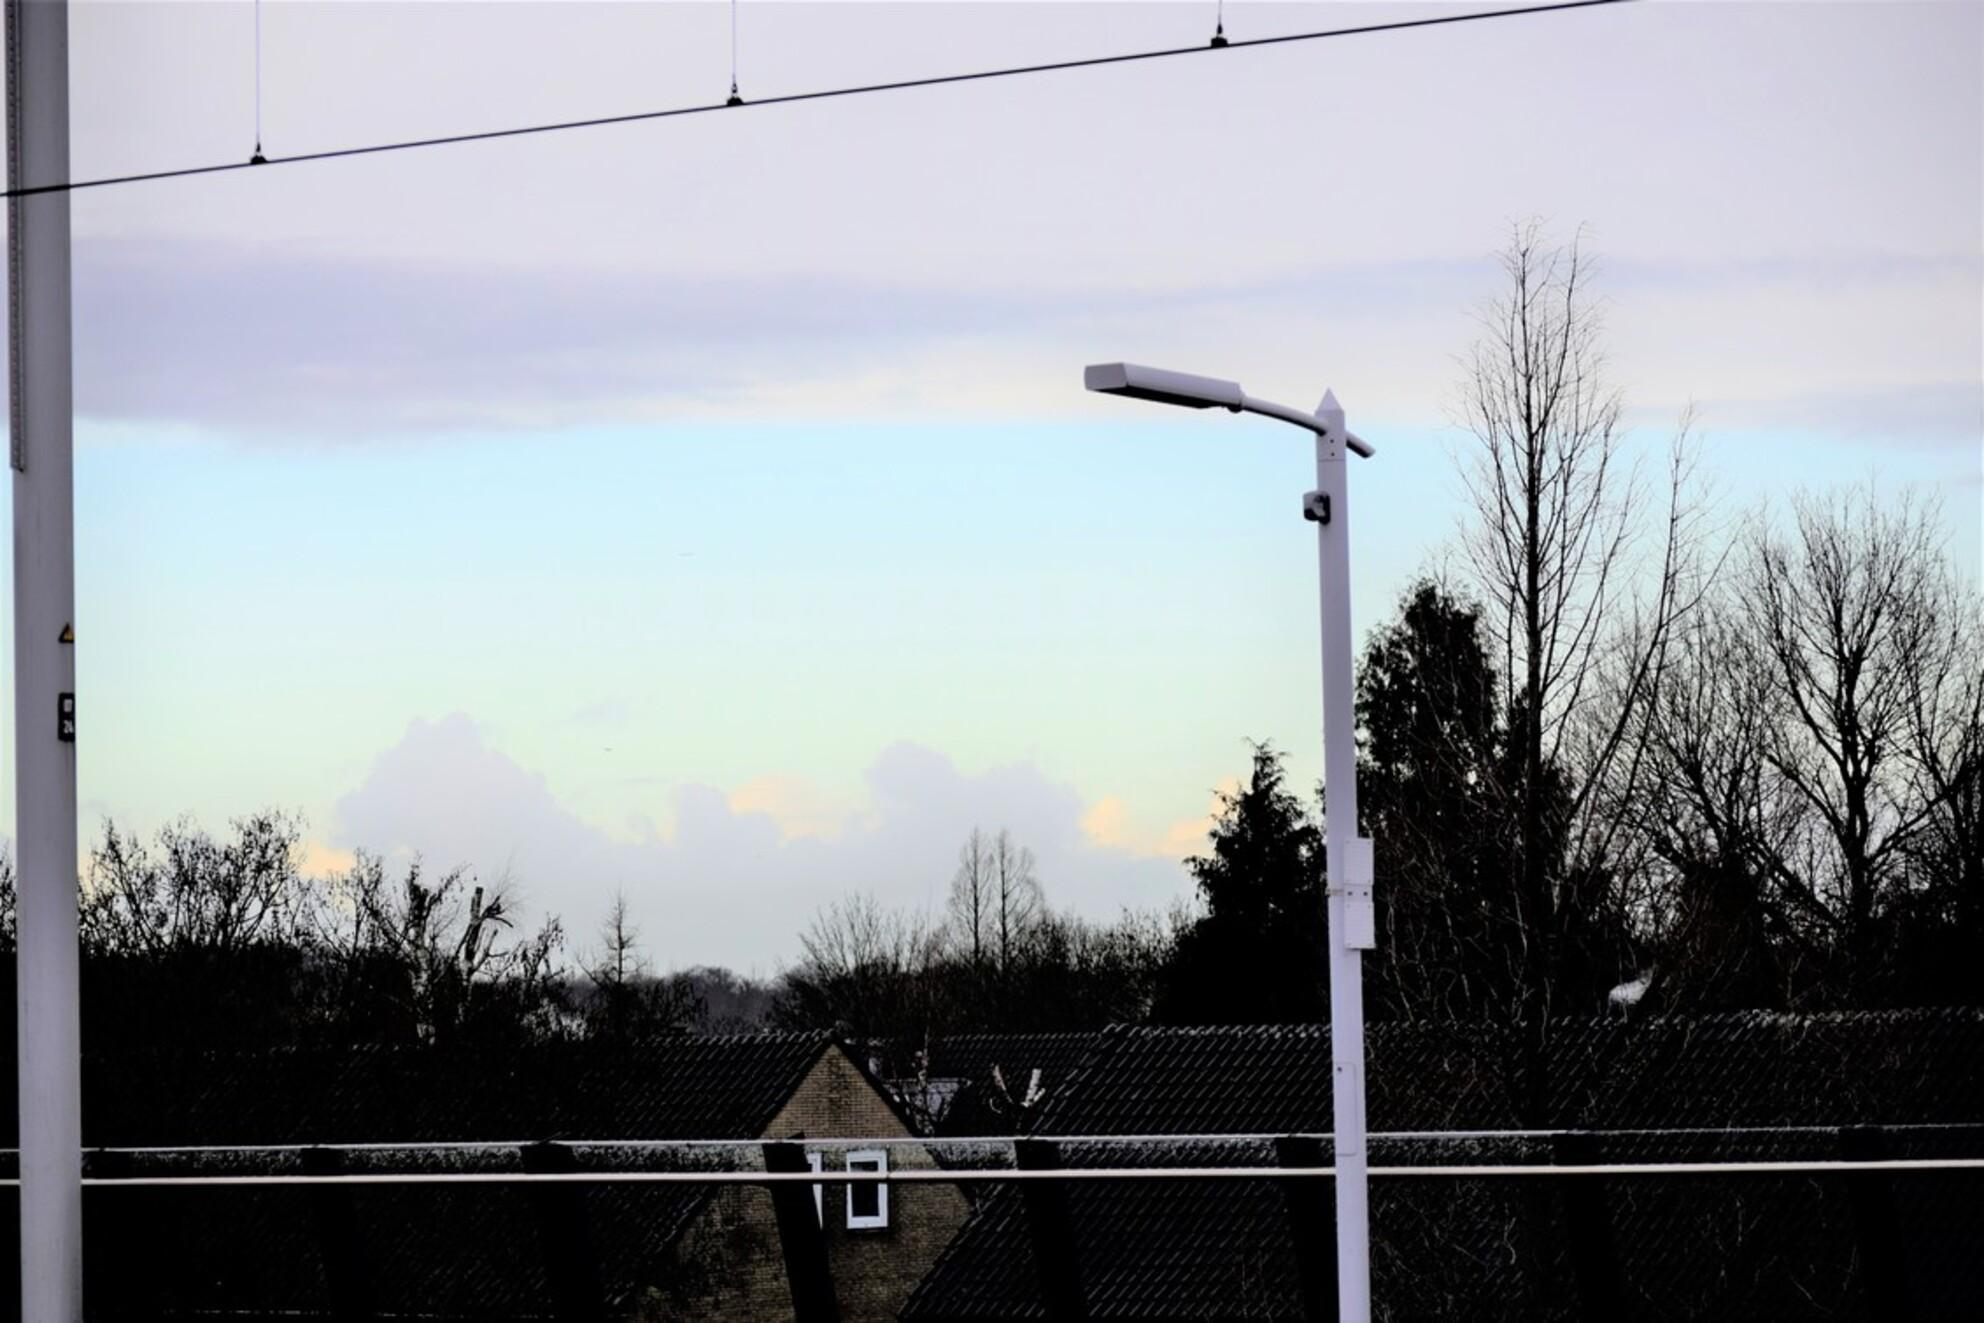 wolken pracht - wolken pracht vanuit  het station  laat op een donkere ochtend. - foto door 1Herdershond op 25-12-2020 - deze foto bevat: station, lucht, wolken, natuur, winter, tegenlicht, straatfotografie - Deze foto mag gebruikt worden in een Zoom.nl publicatie